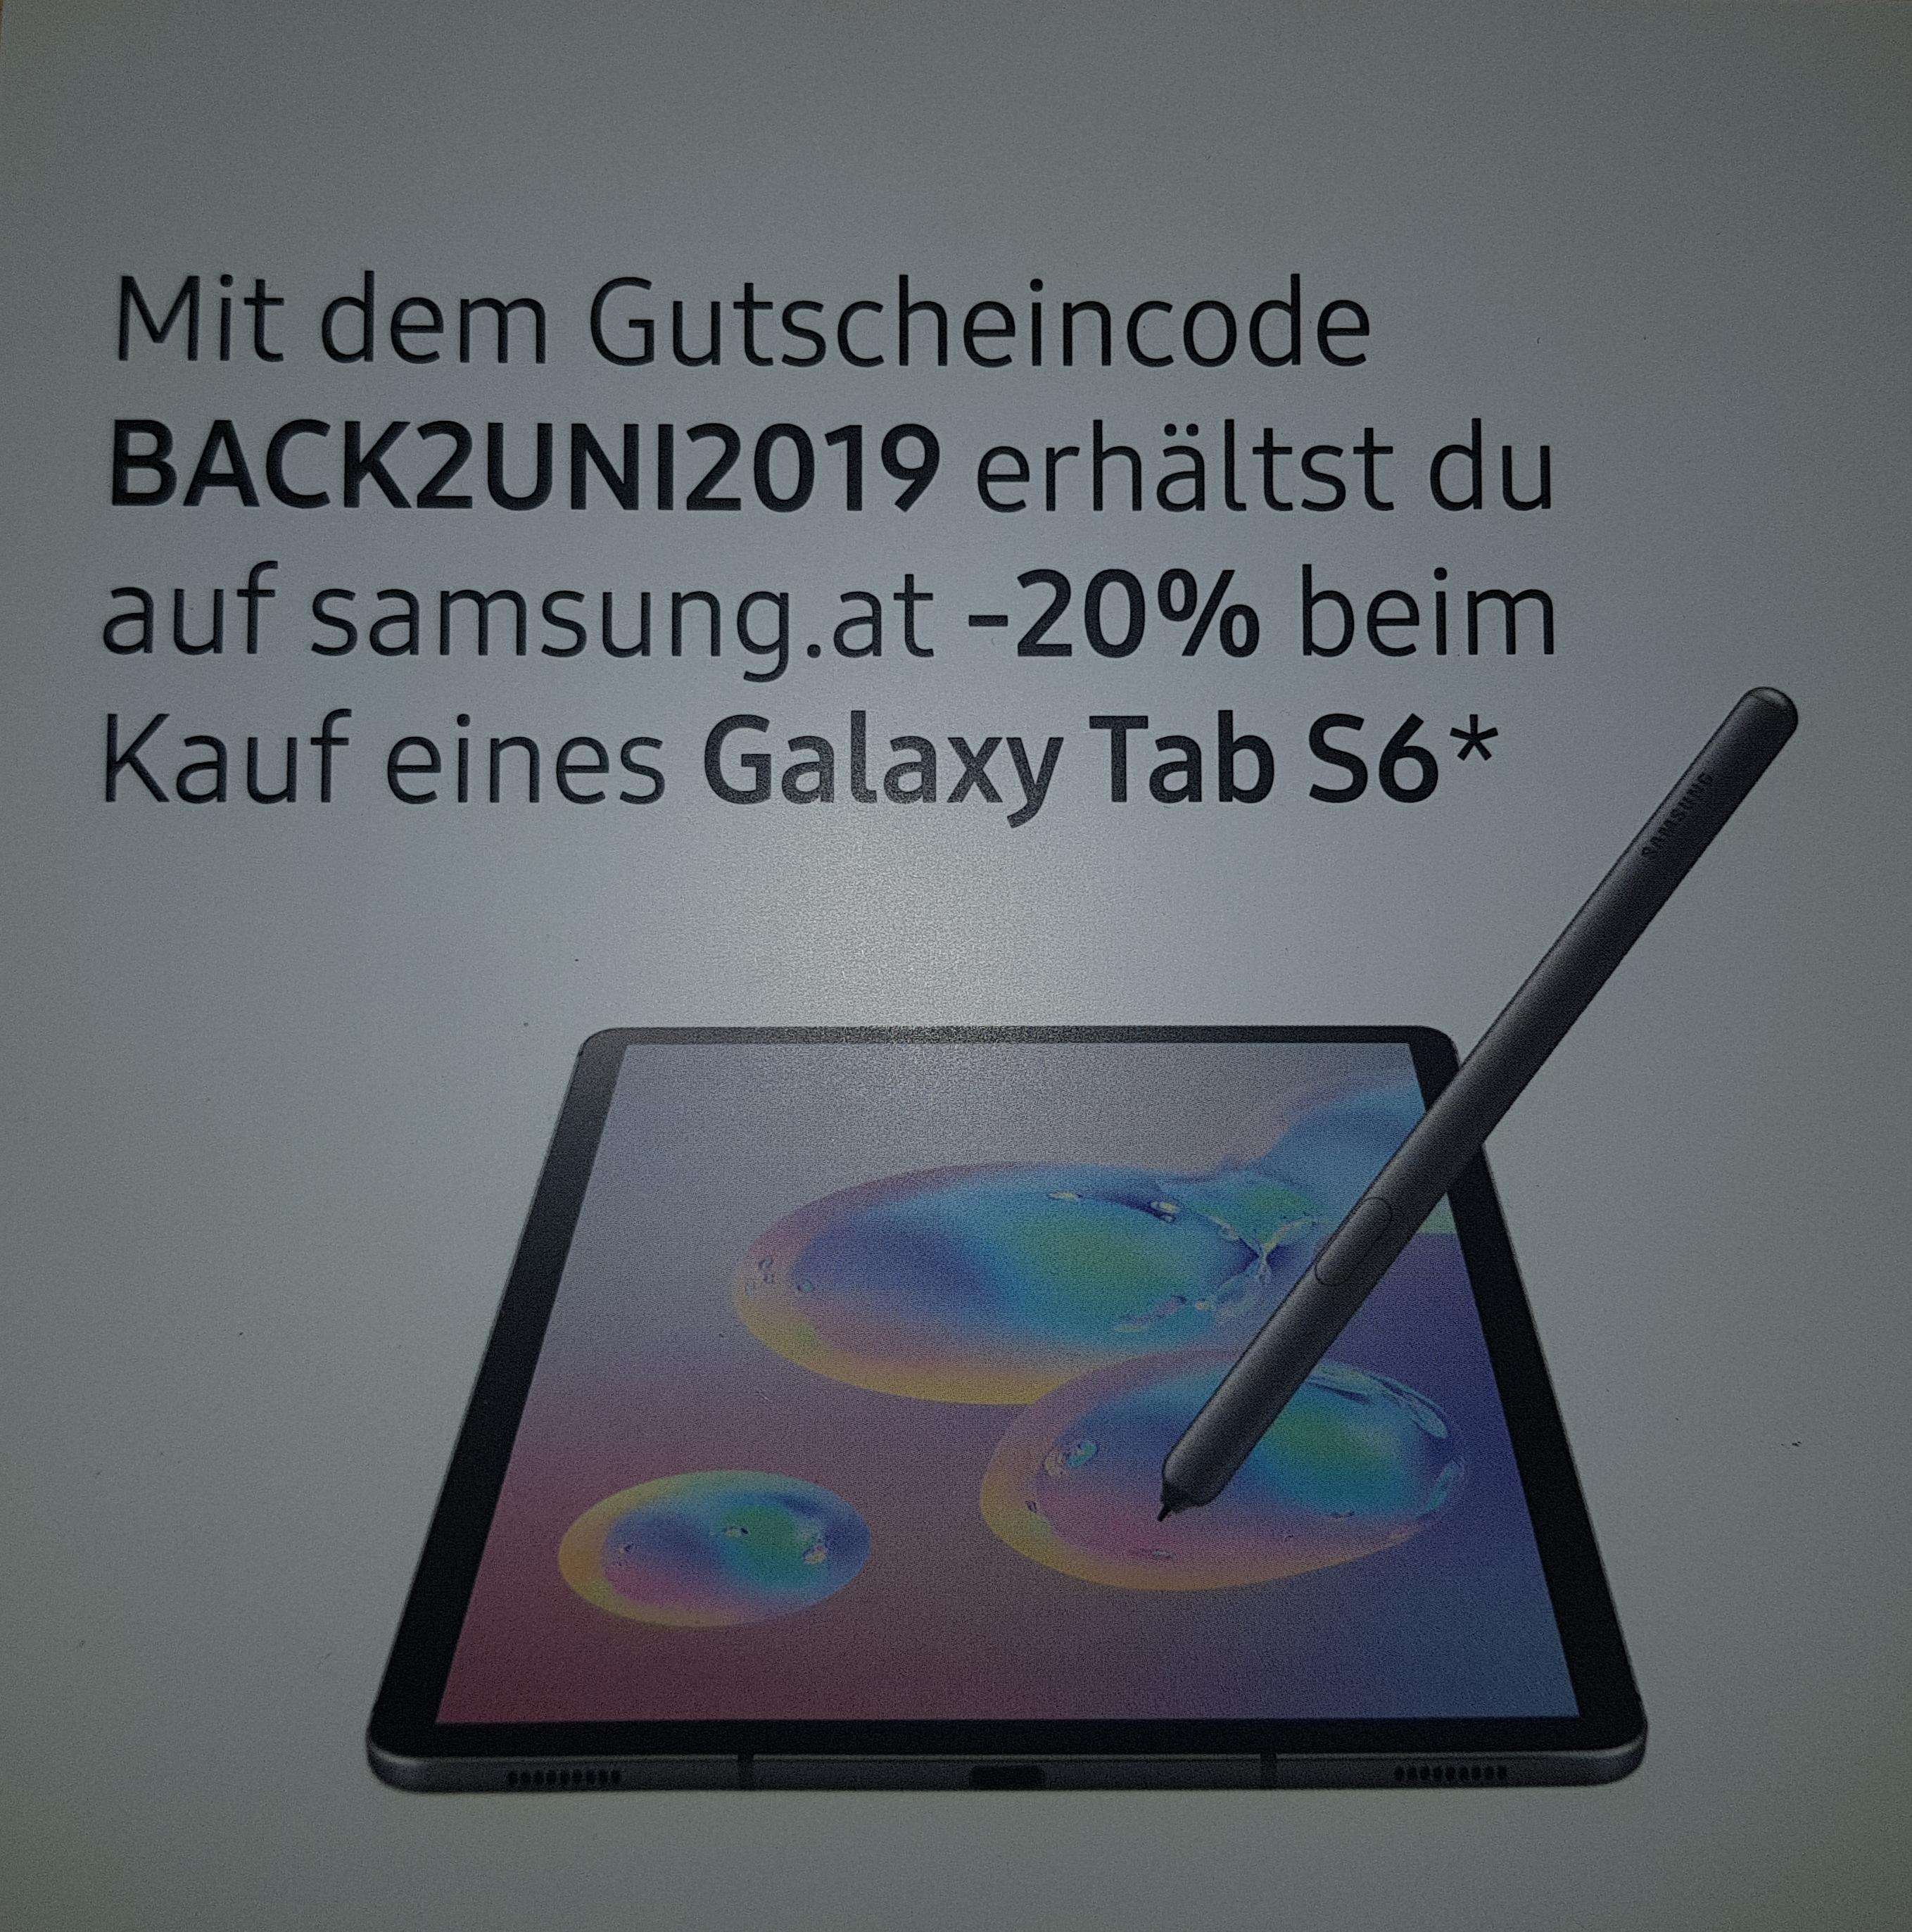 -20% Rabatt auf alle Galaxy Tab S6-Modelle